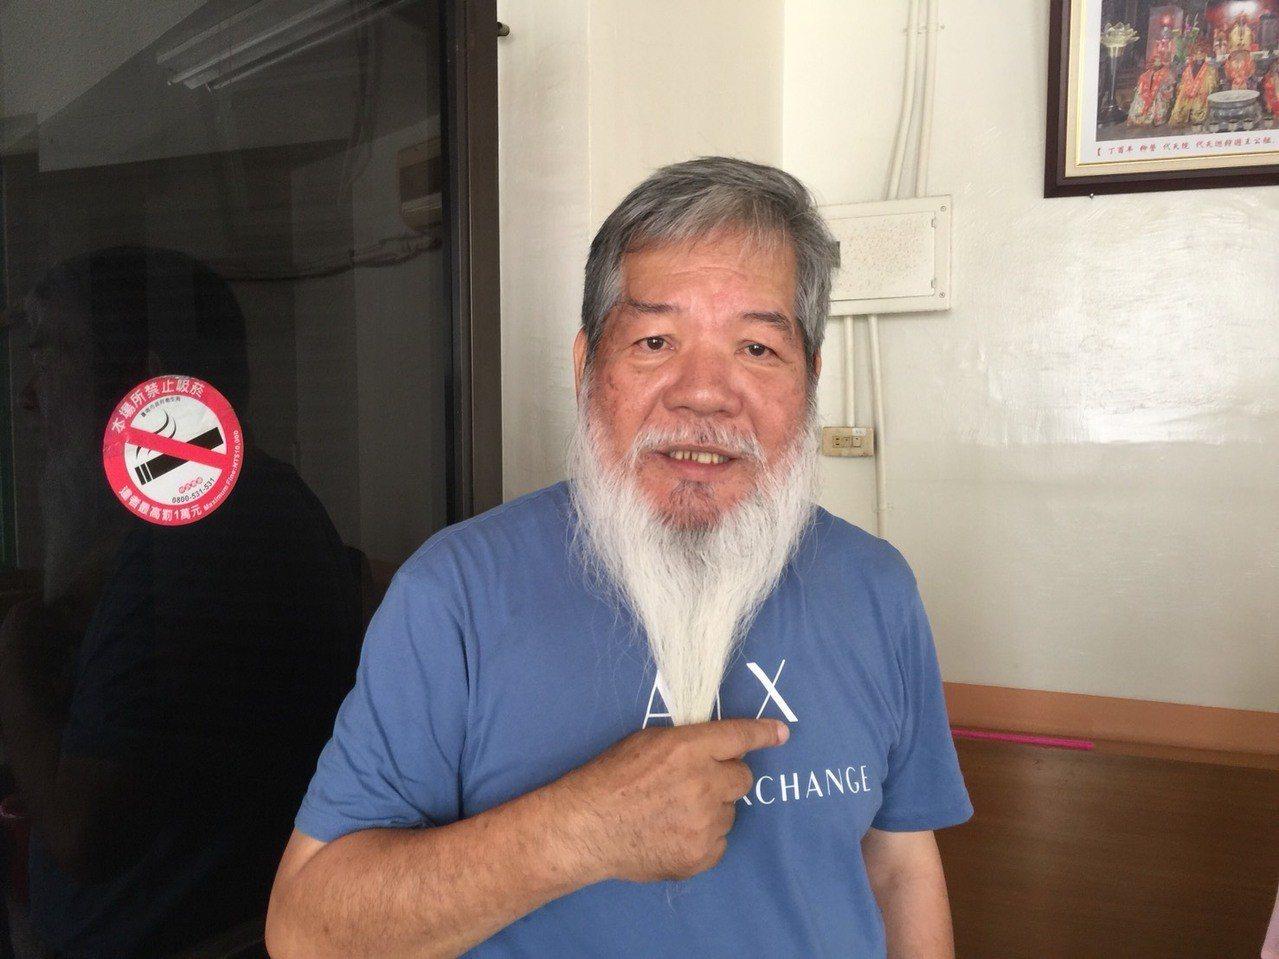 道長陳庚辛雪白的鬍鬚每天護鬚、洗鬚。記者吳政修/攝影